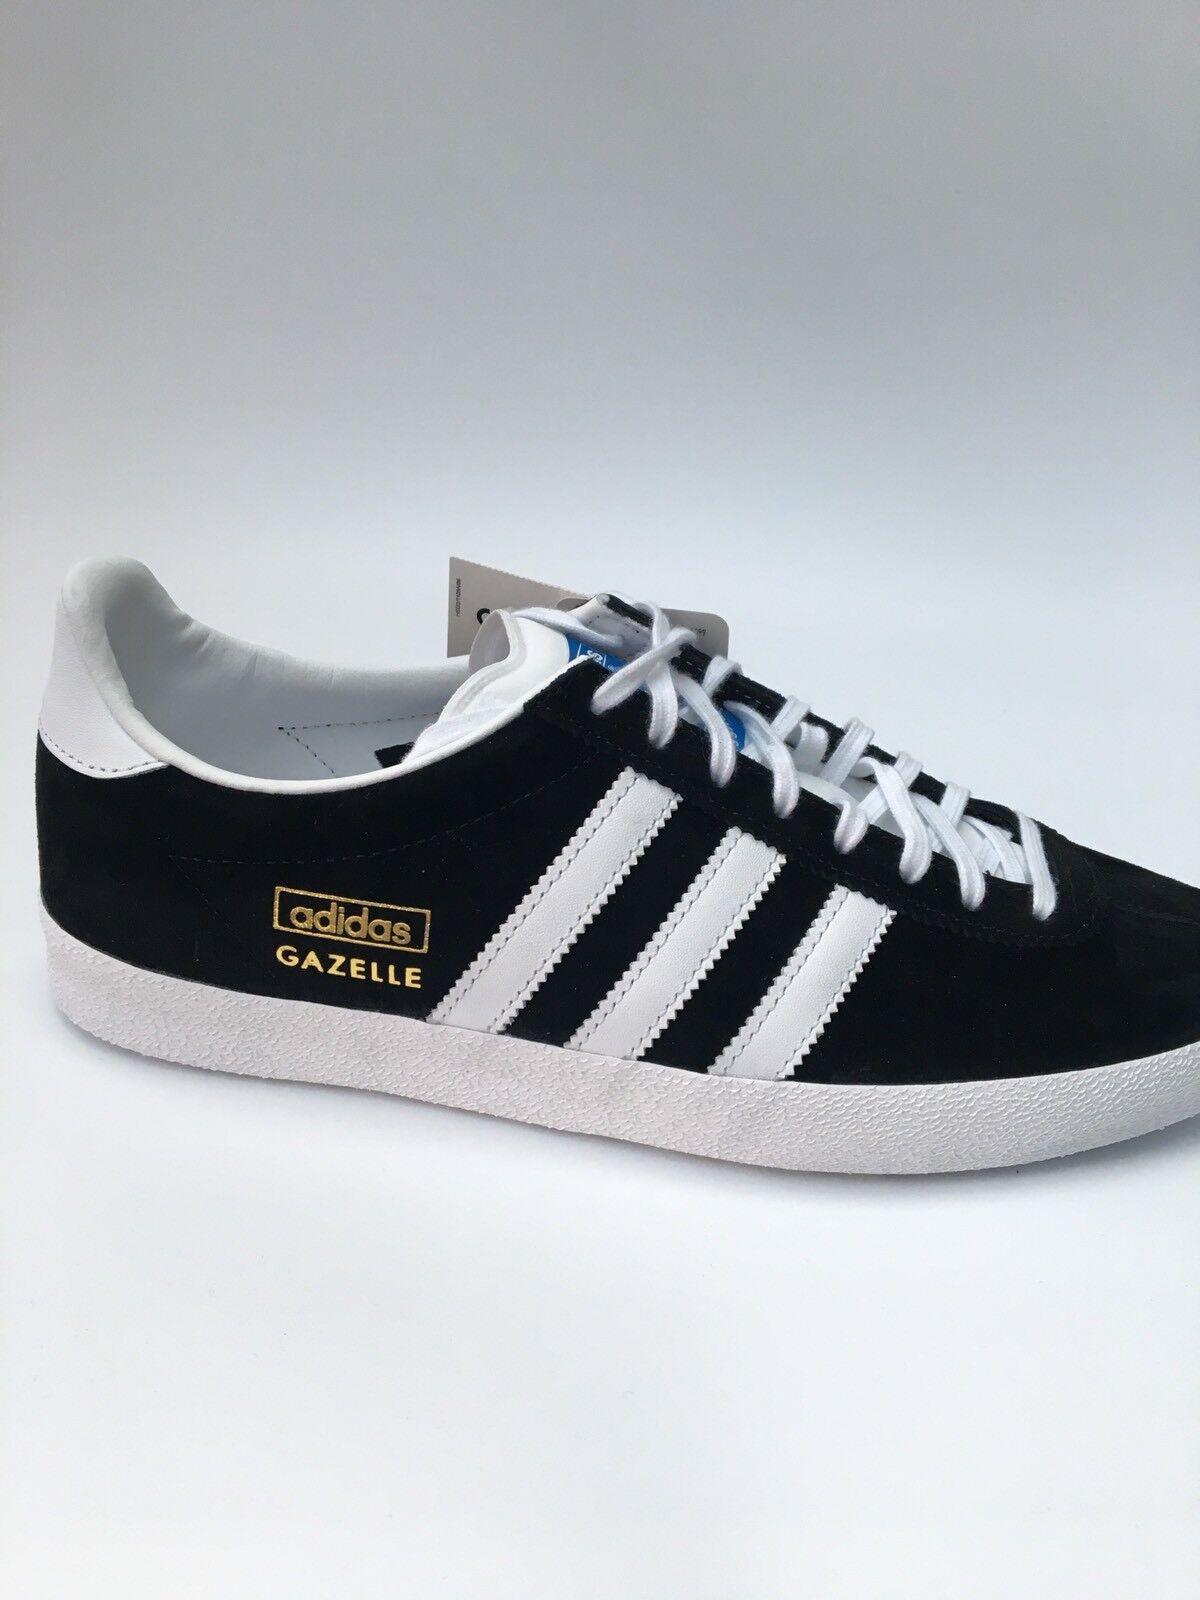 Adidas Adidas Adidas Original Gazelle OG Zapatillas Negro Nuevo En Caja-G13265 fc4a99